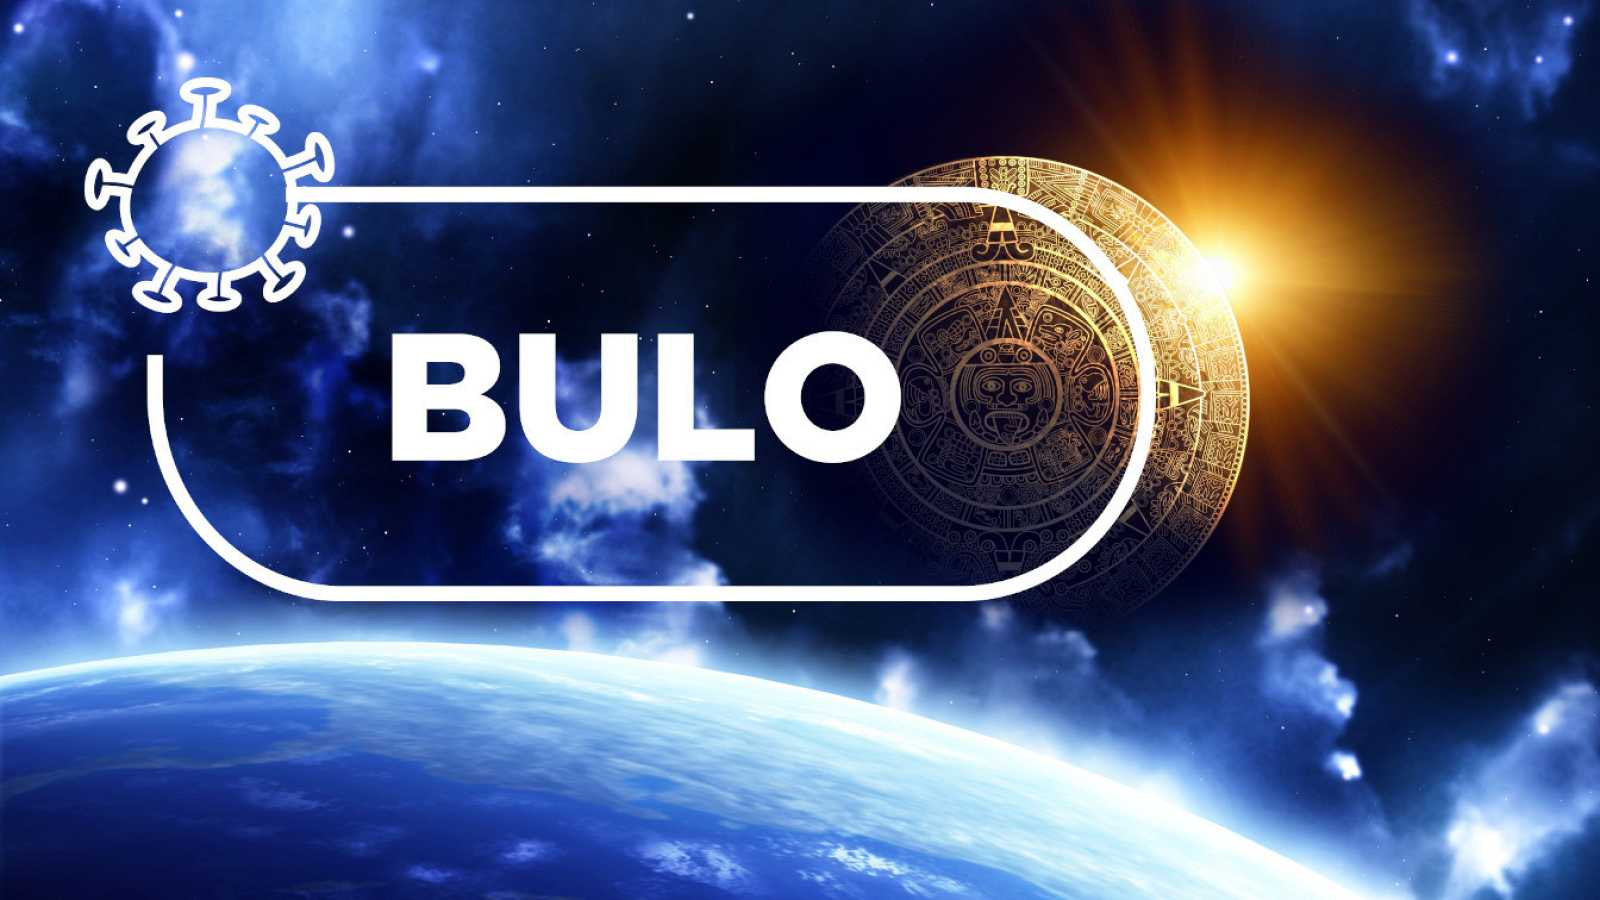 Imagen del universo con un planeta simulando el calendario maya y la palabra bulo sobre ellos.